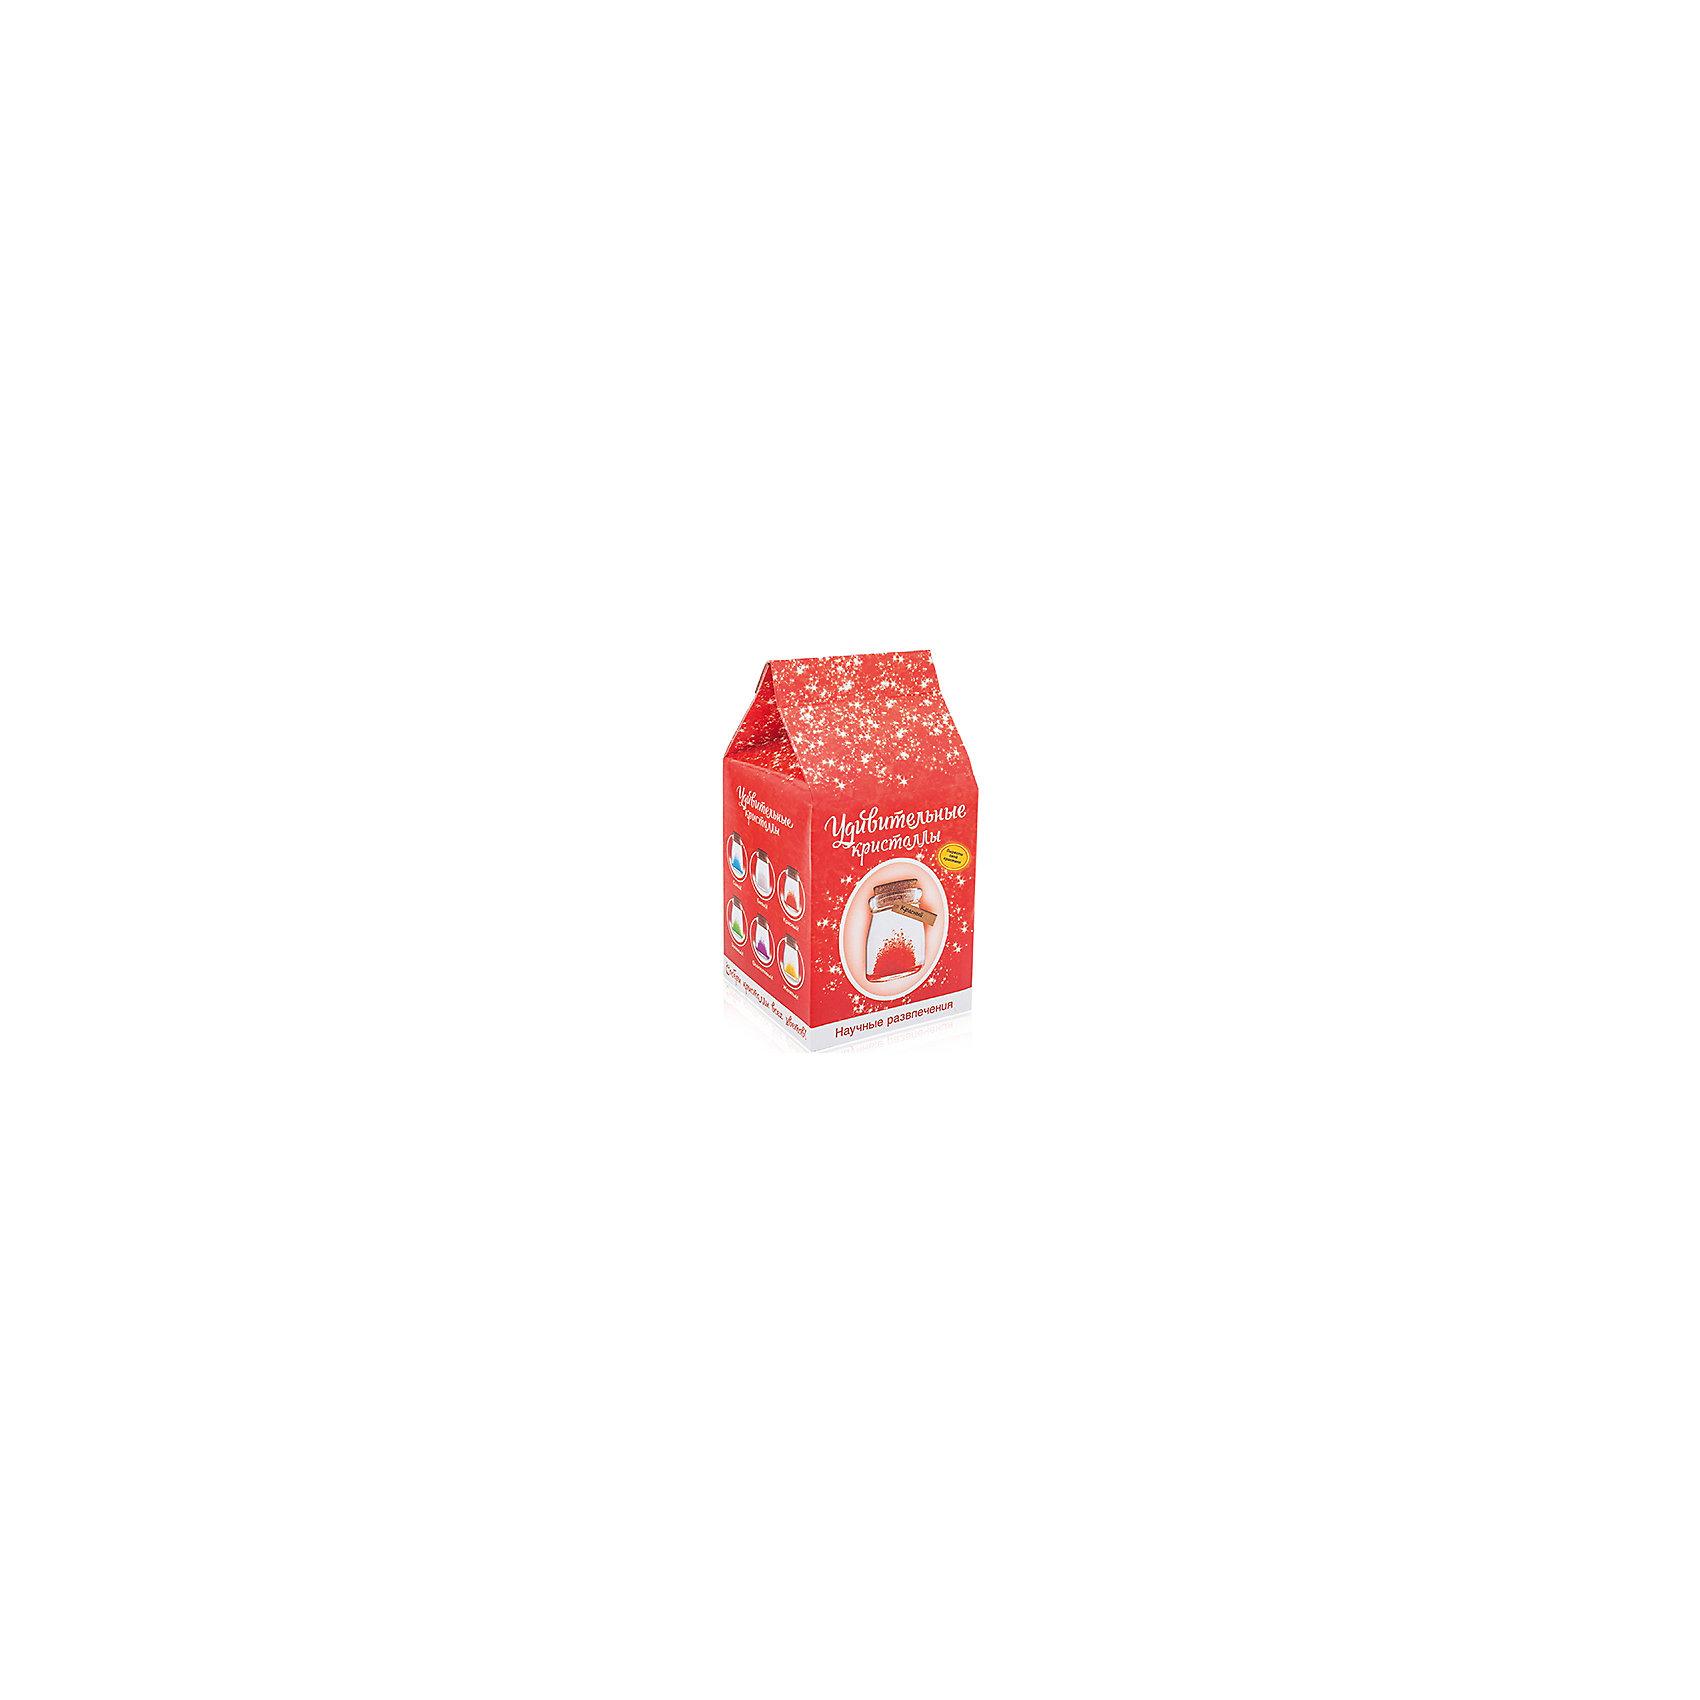 Набор для выращивания кристаллов Удивительный кристалл - Красный БумбарамУдивительный кристалл - Красный, Бумбарам<br><br>Характеристики:<br><br>• прост в использовании<br>• пошаговая инструкция<br>• безопасные материалы<br>• привлекательная упаковка <br>• можно следить за процессом<br>• в наборе: баночка, кристаллический порошок, кристаллическая таблетка, палочка, веревочка, пробка, карточка, инструкция<br>• размер упаковки: 15х8 см<br>• вес: 250 грамм<br>• цвет: синий<br><br>Удивительный кристалл - набор для творчества. Он хорошо развивает усидчивость и внимательность. С его помощью ребенок сможет сделать прекрасный подарок своими руками. Инструкция очень проста: нужно налить воды в баночку, добавить в нее порошок и тщательно перемешать. Затем положить волшебную таблетку и закрыть баночку крышкой. Через несколько часов можно снять крышку. Через 14-20 дней волшебный кристалл готов! Готовая композиция особенно красиво смотрится под лампой. Удивительный кристалл - прекрасный выбор для начинающего алхимика!<br><br>Удивительный кристалл - Красный, Бумбарам вы можете приобрести в нашем интернет-магазине.<br><br>Ширина мм: 75<br>Глубина мм: 75<br>Высота мм: 150<br>Вес г: 250<br>Возраст от месяцев: 168<br>Возраст до месяцев: 240<br>Пол: Унисекс<br>Возраст: Детский<br>SKU: 5053952